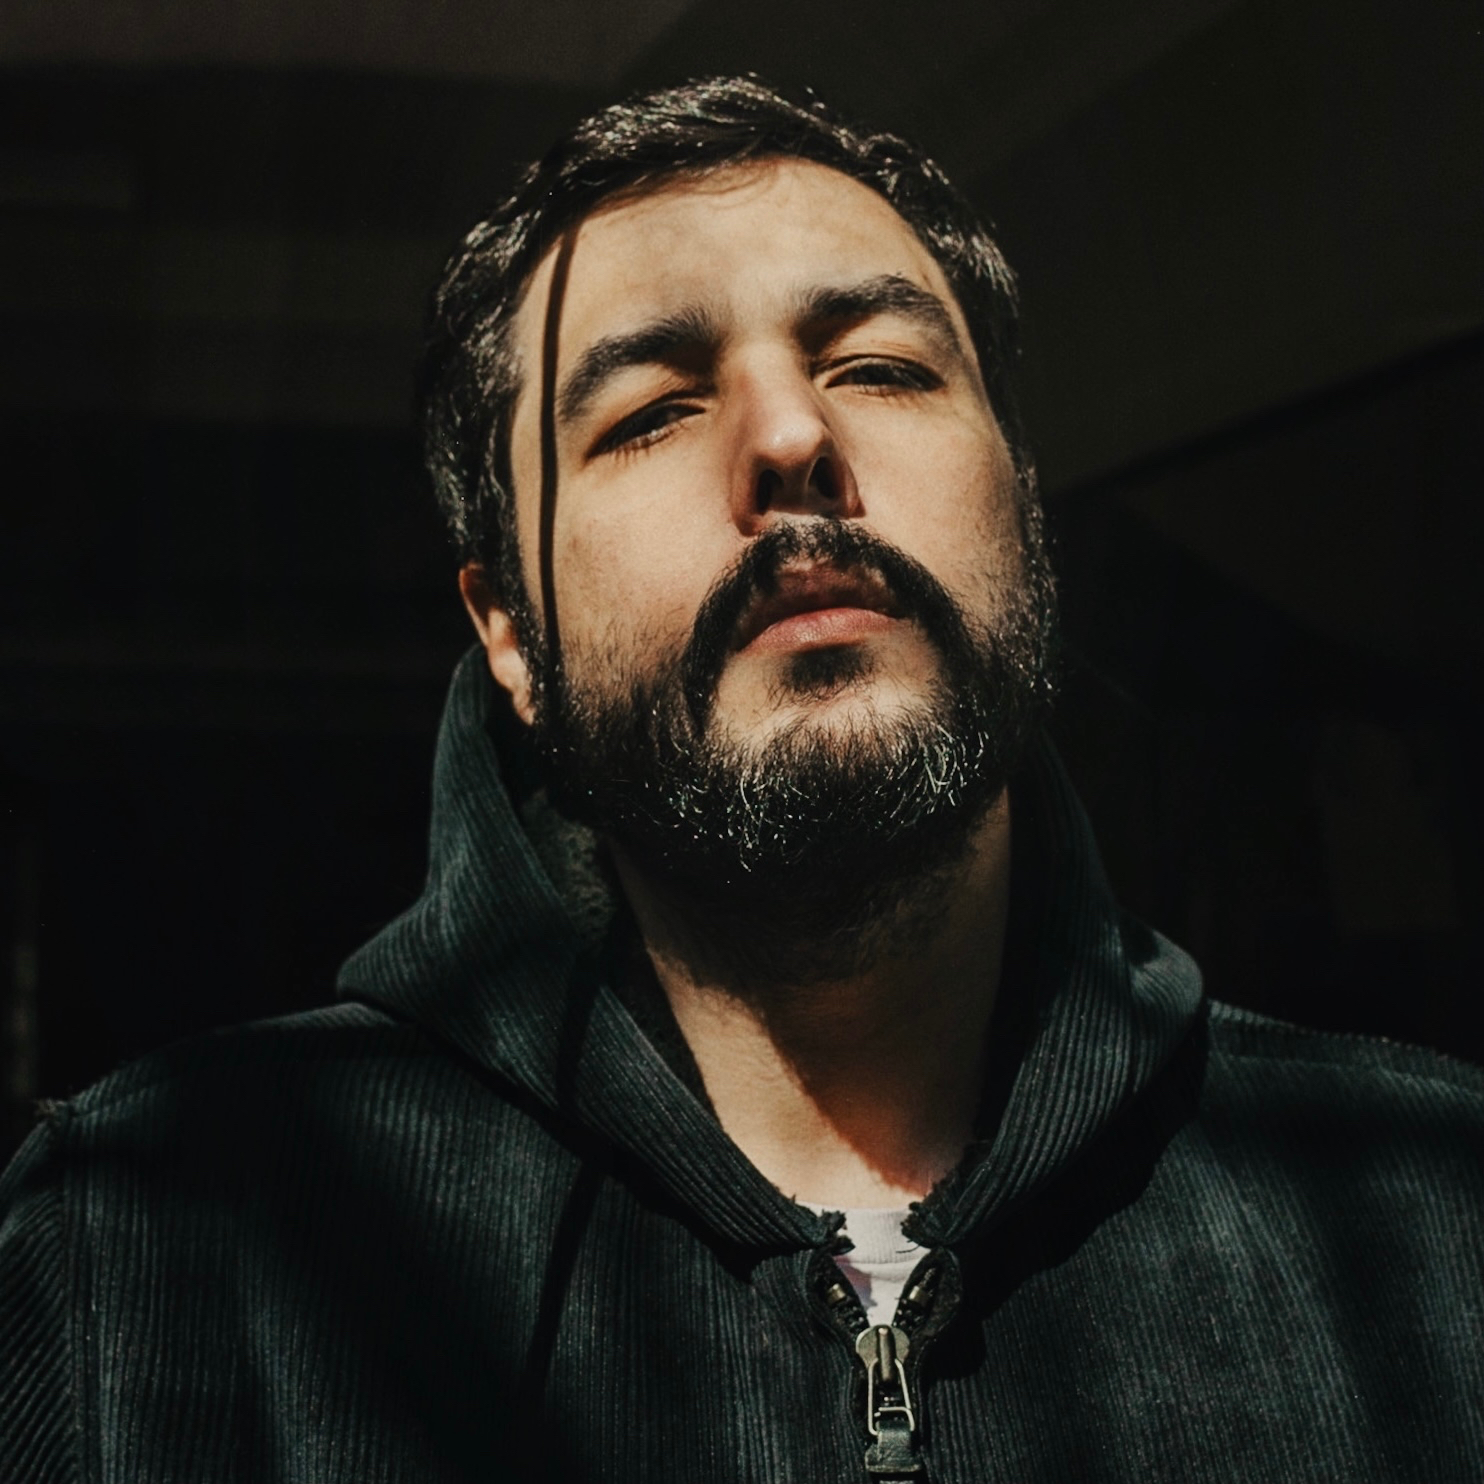 Image of Saulo Mileti